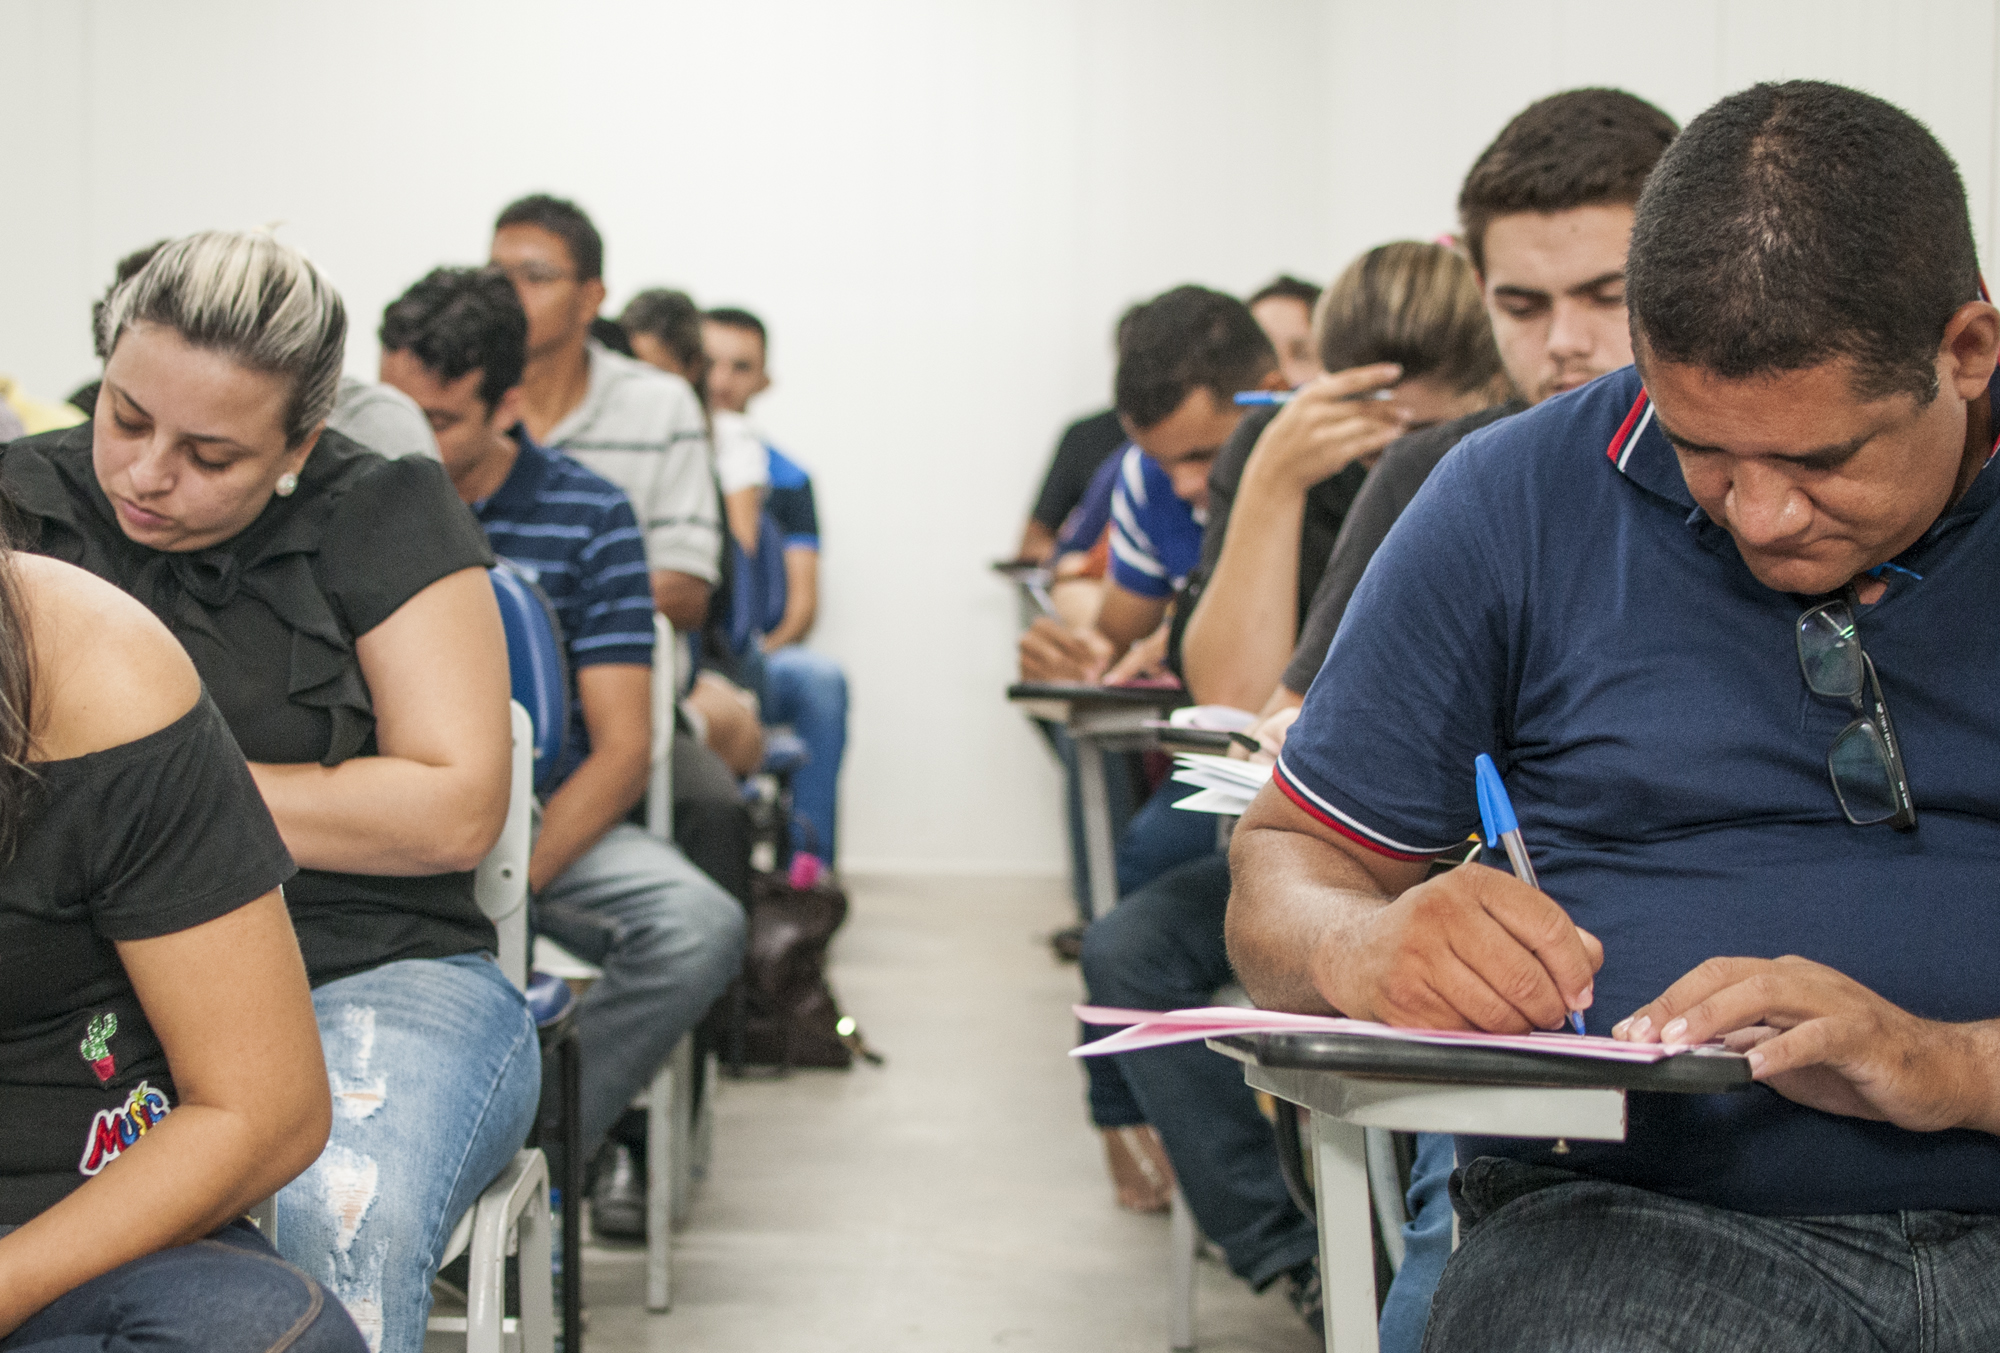 Com o objetivo de incentivar a preparação na reta final do Exame Nacional do Ensino Médio (Enem) e mobilizar a participação dos estudantes nos dois dias de prova, o Governo do Ceará, por meio da Secretaria da Educação (Seduc), lança, nesta terça-feira (31), às 8h30, a estratégia #Enemvou2dias.